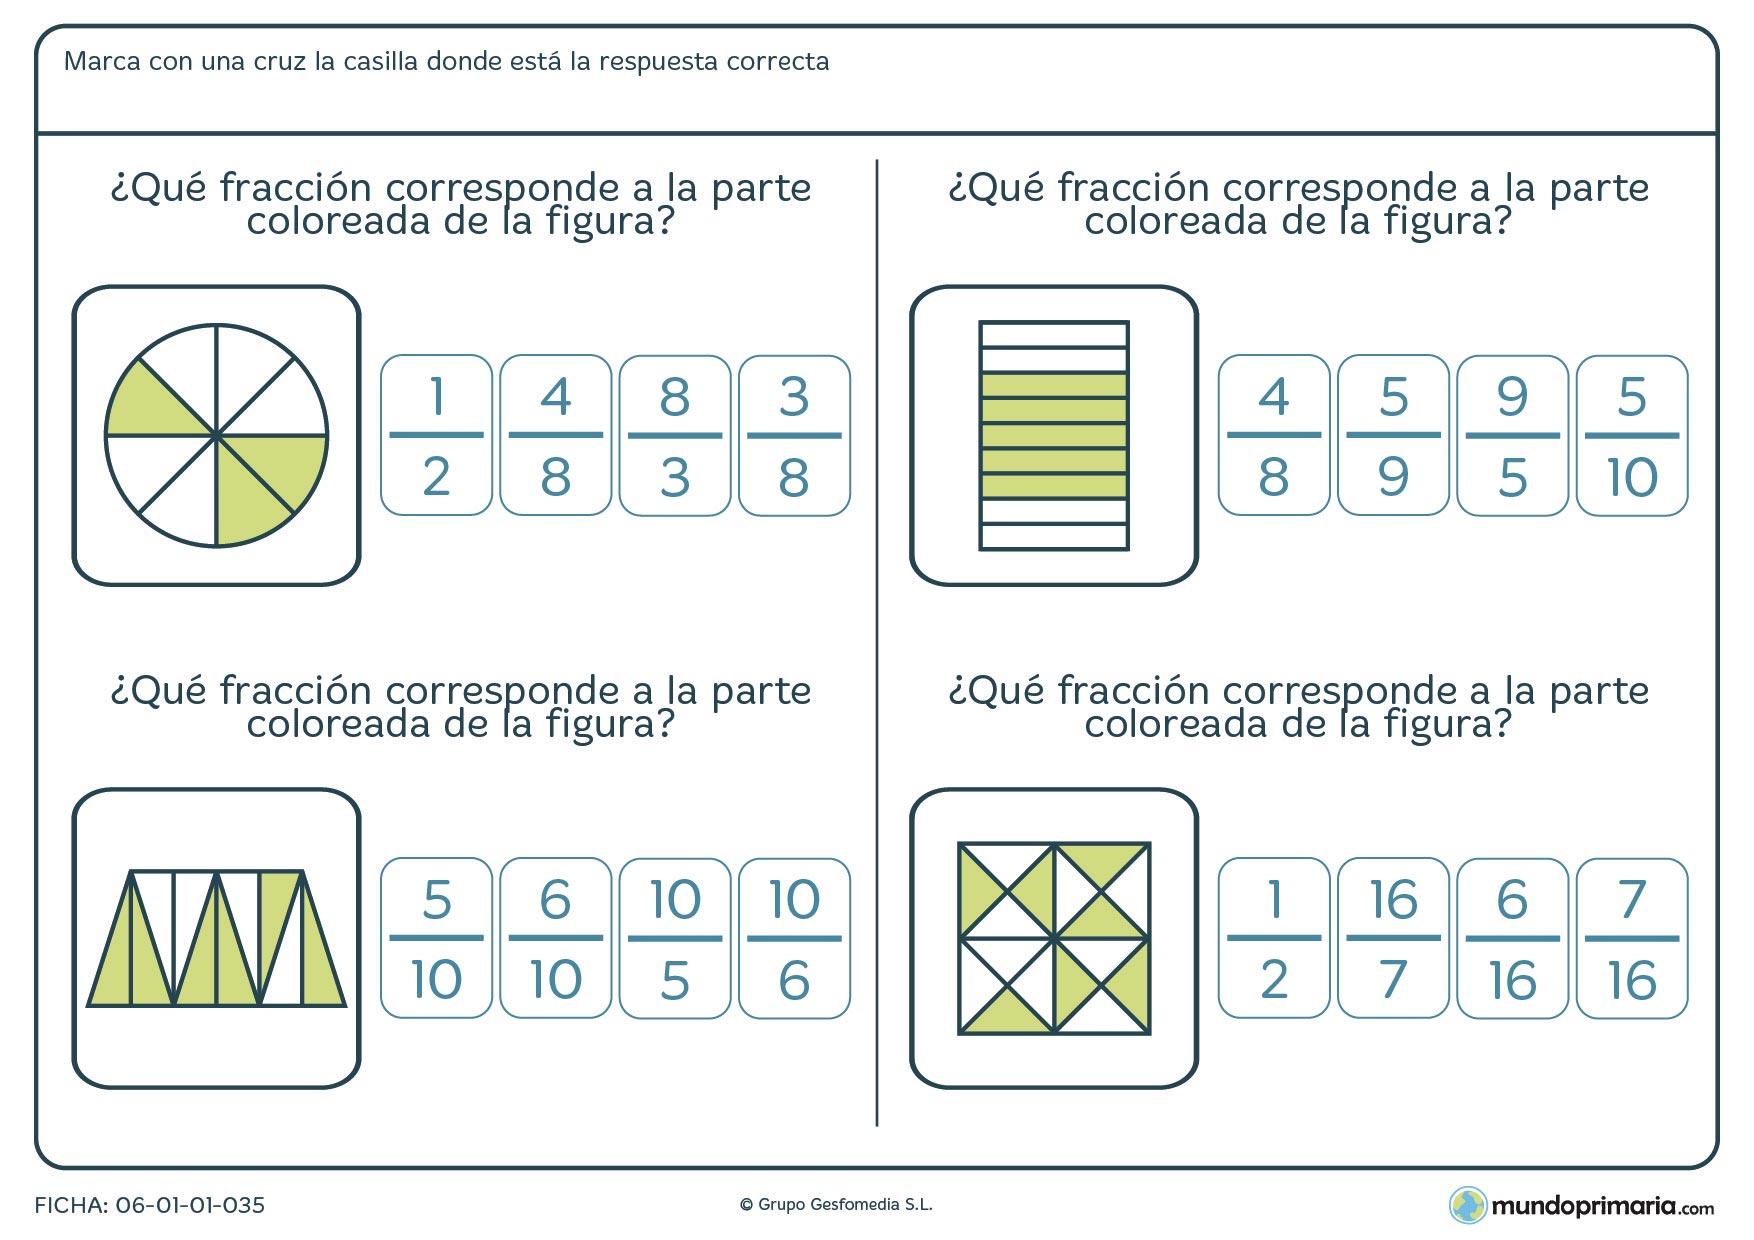 Ficha de señalar la fracción que corresponde al relleno de color de las figuras propuestas en cada ejercicio